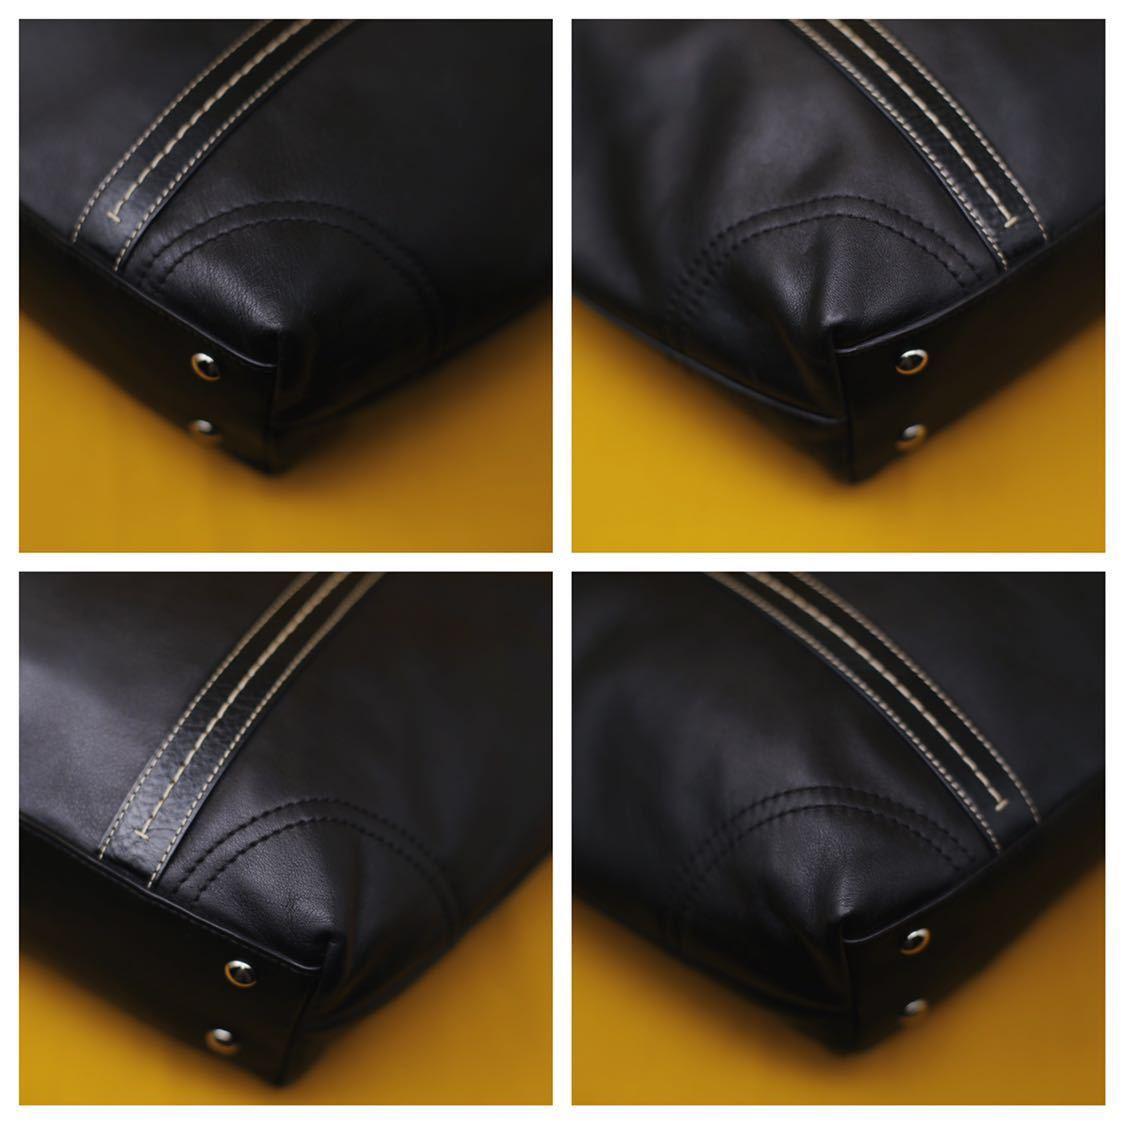 未使用品 美品 コーチ COACH トートバッグ バッグ ビジネスバッグ 黒 ブラック レザー メンズバッグ 革 14万 オールドコーチ ビンテージ _画像5